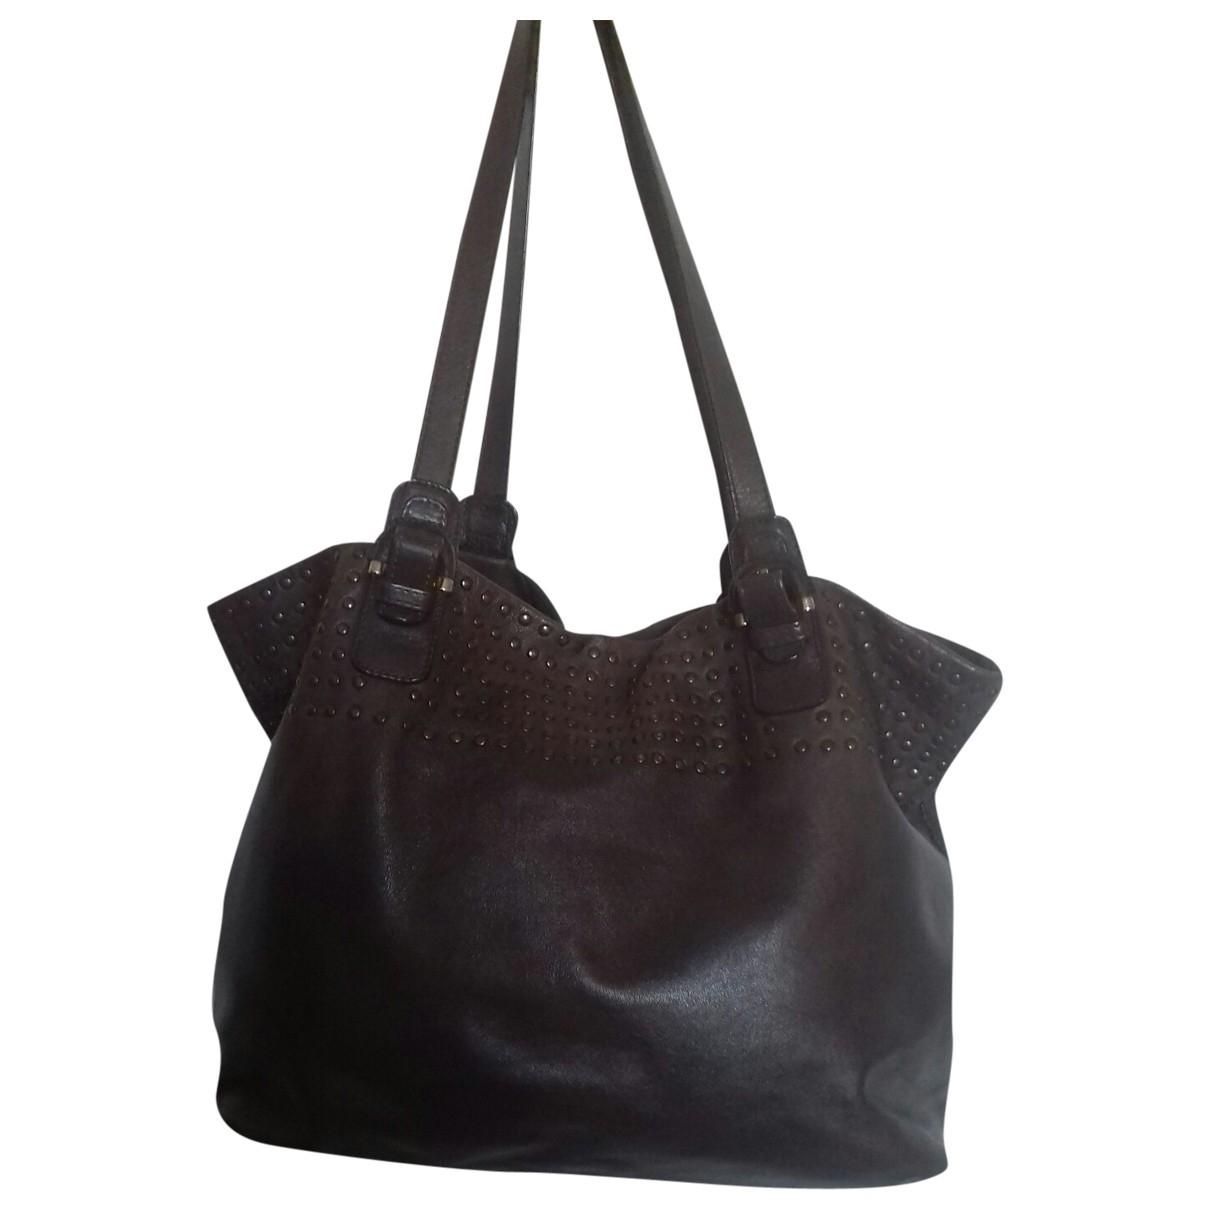 Sonia Rykiel \N Brown Leather handbag for Women \N